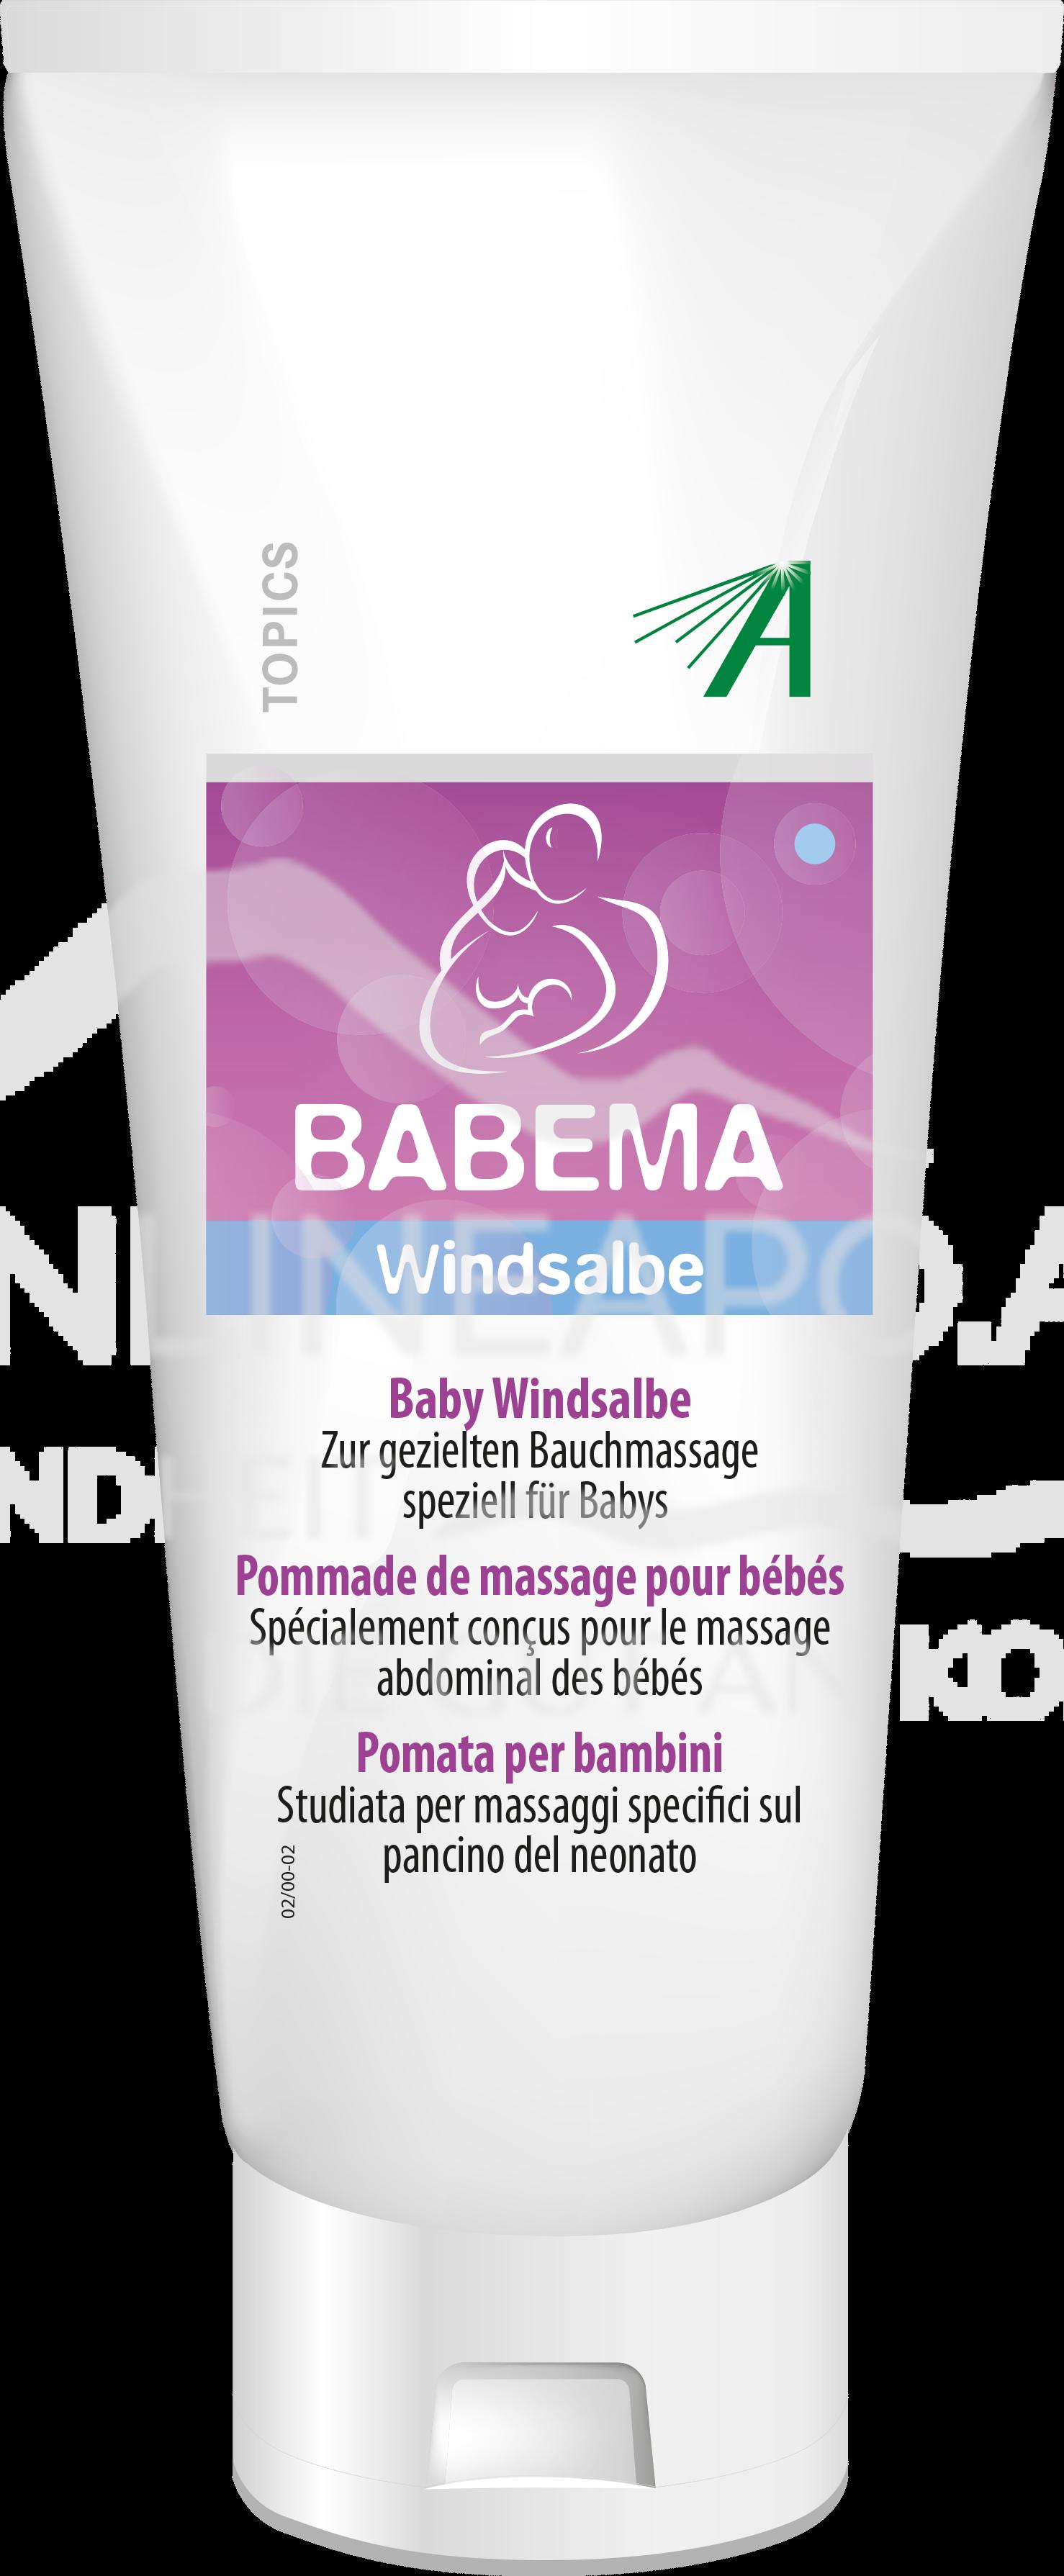 Adler Babema Windsalbe